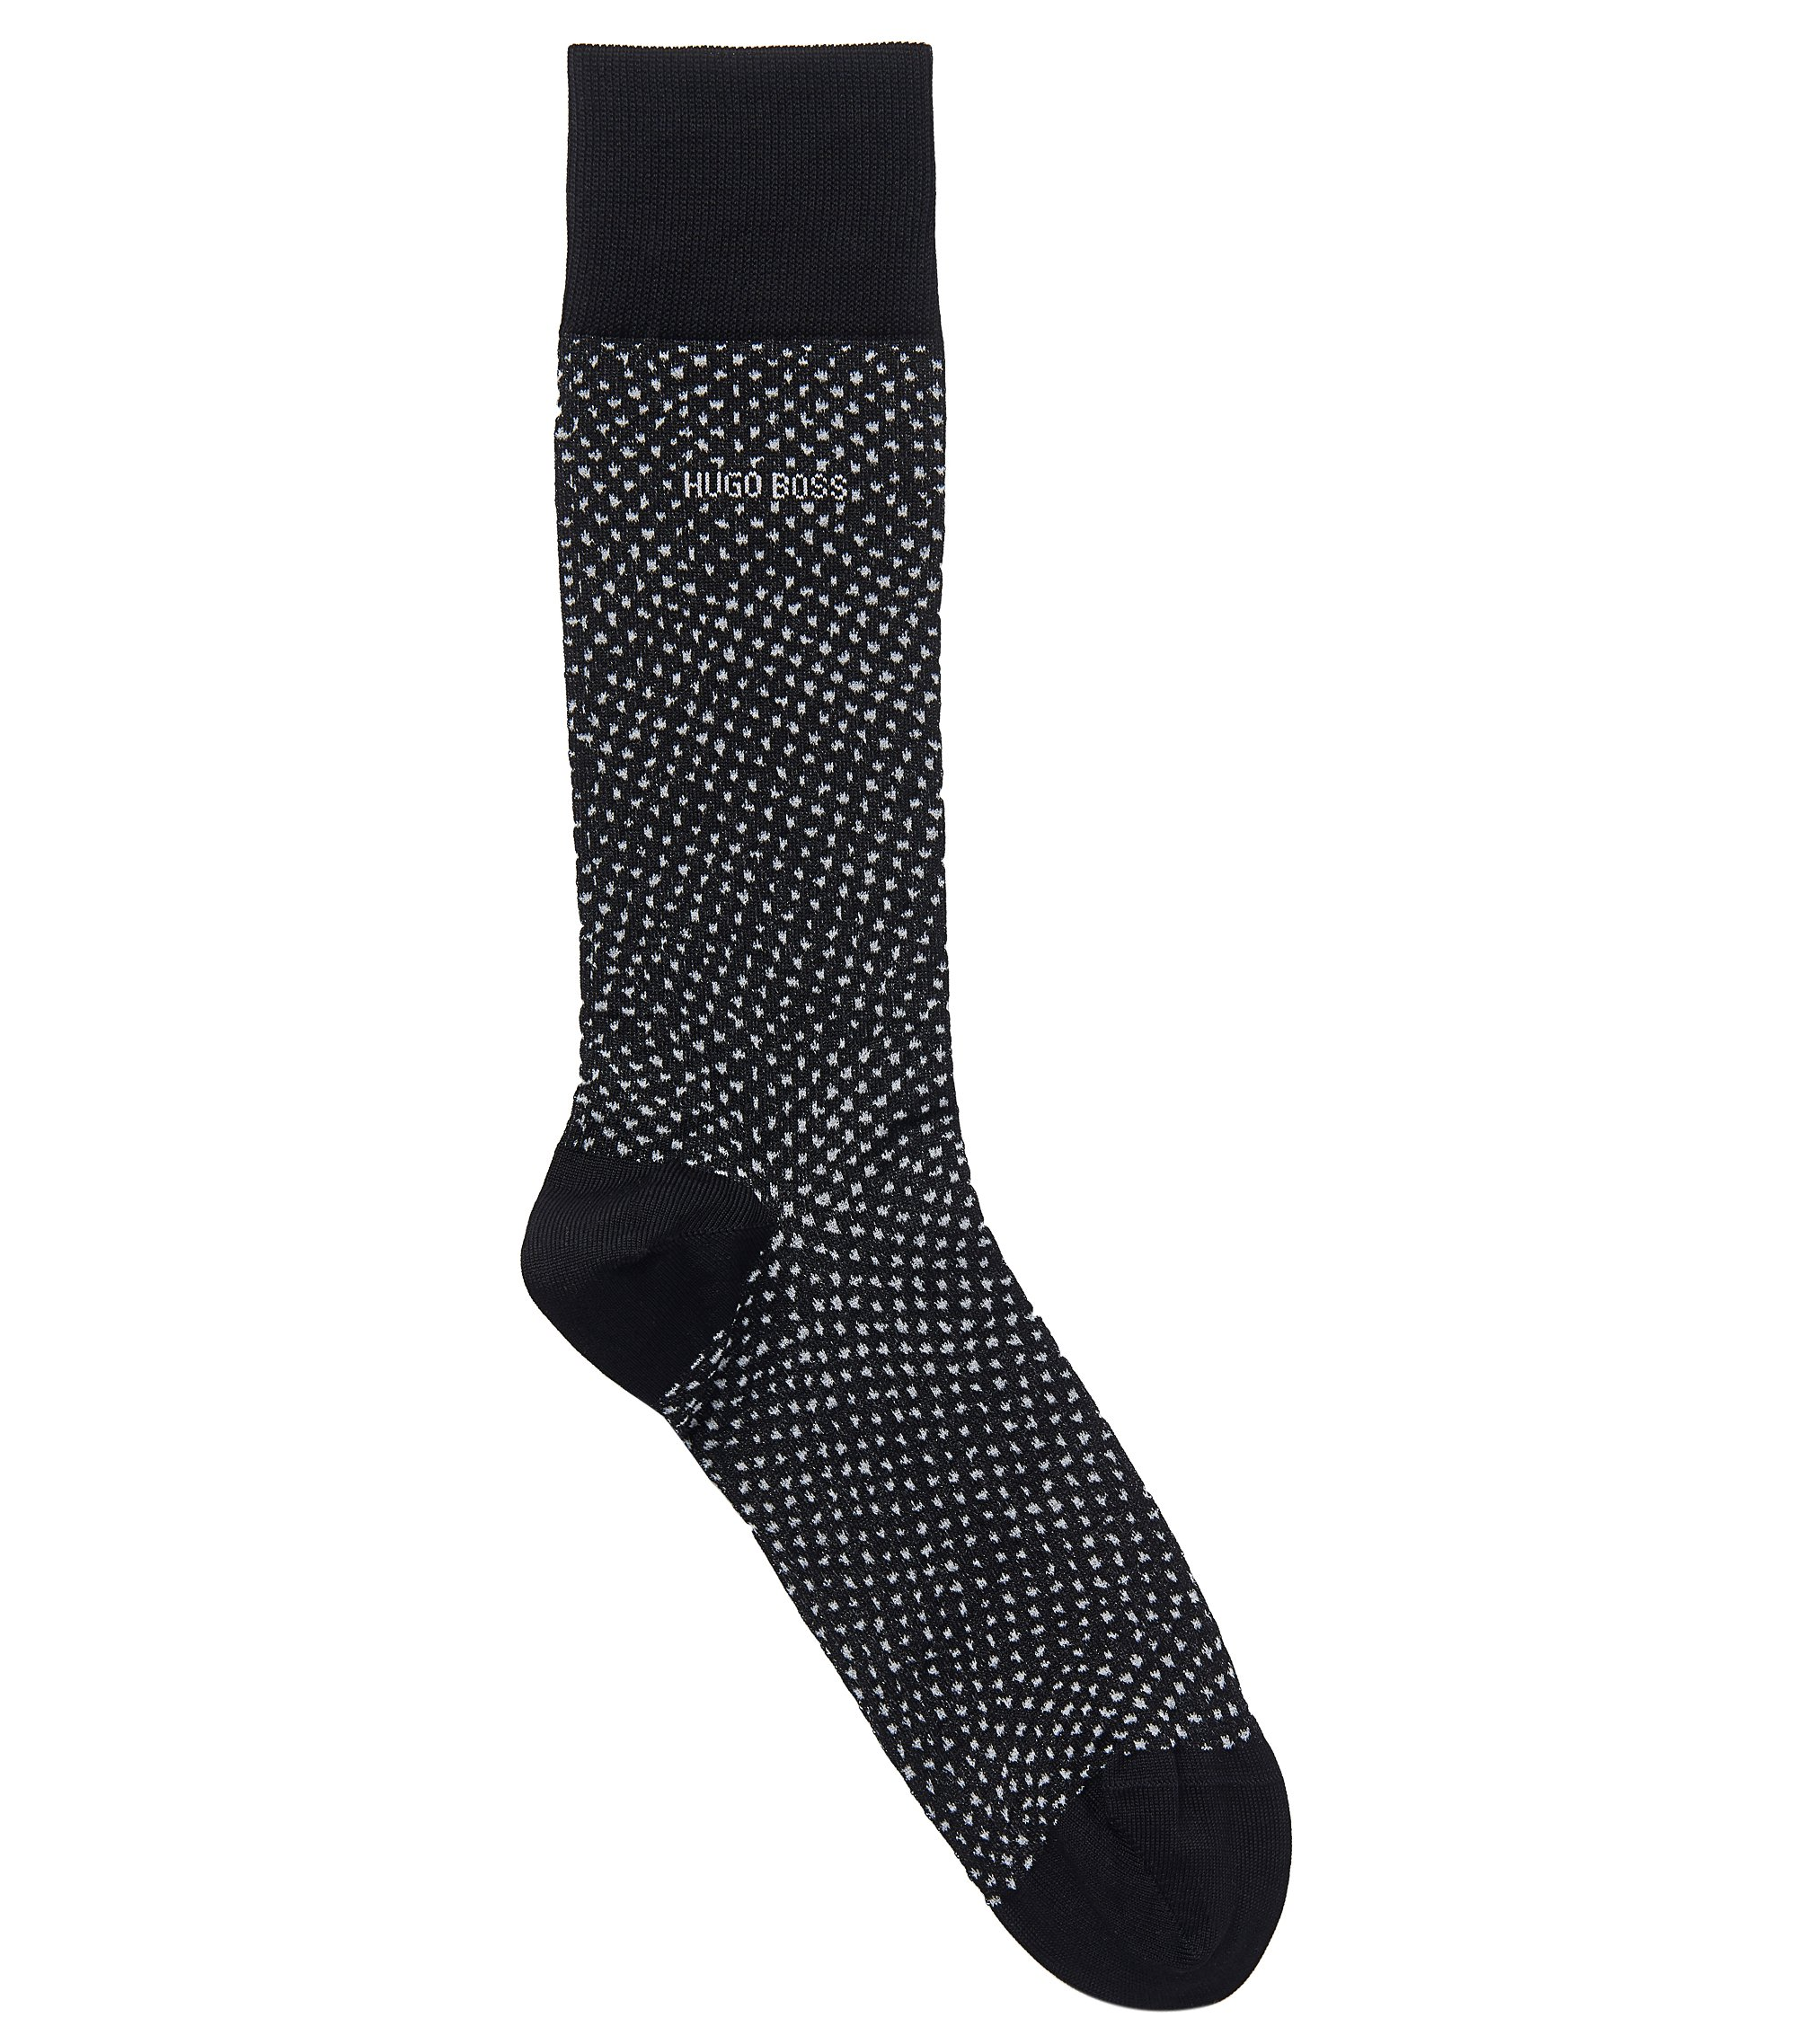 Stretch Cotton Blend Sock | RS Design US, Black